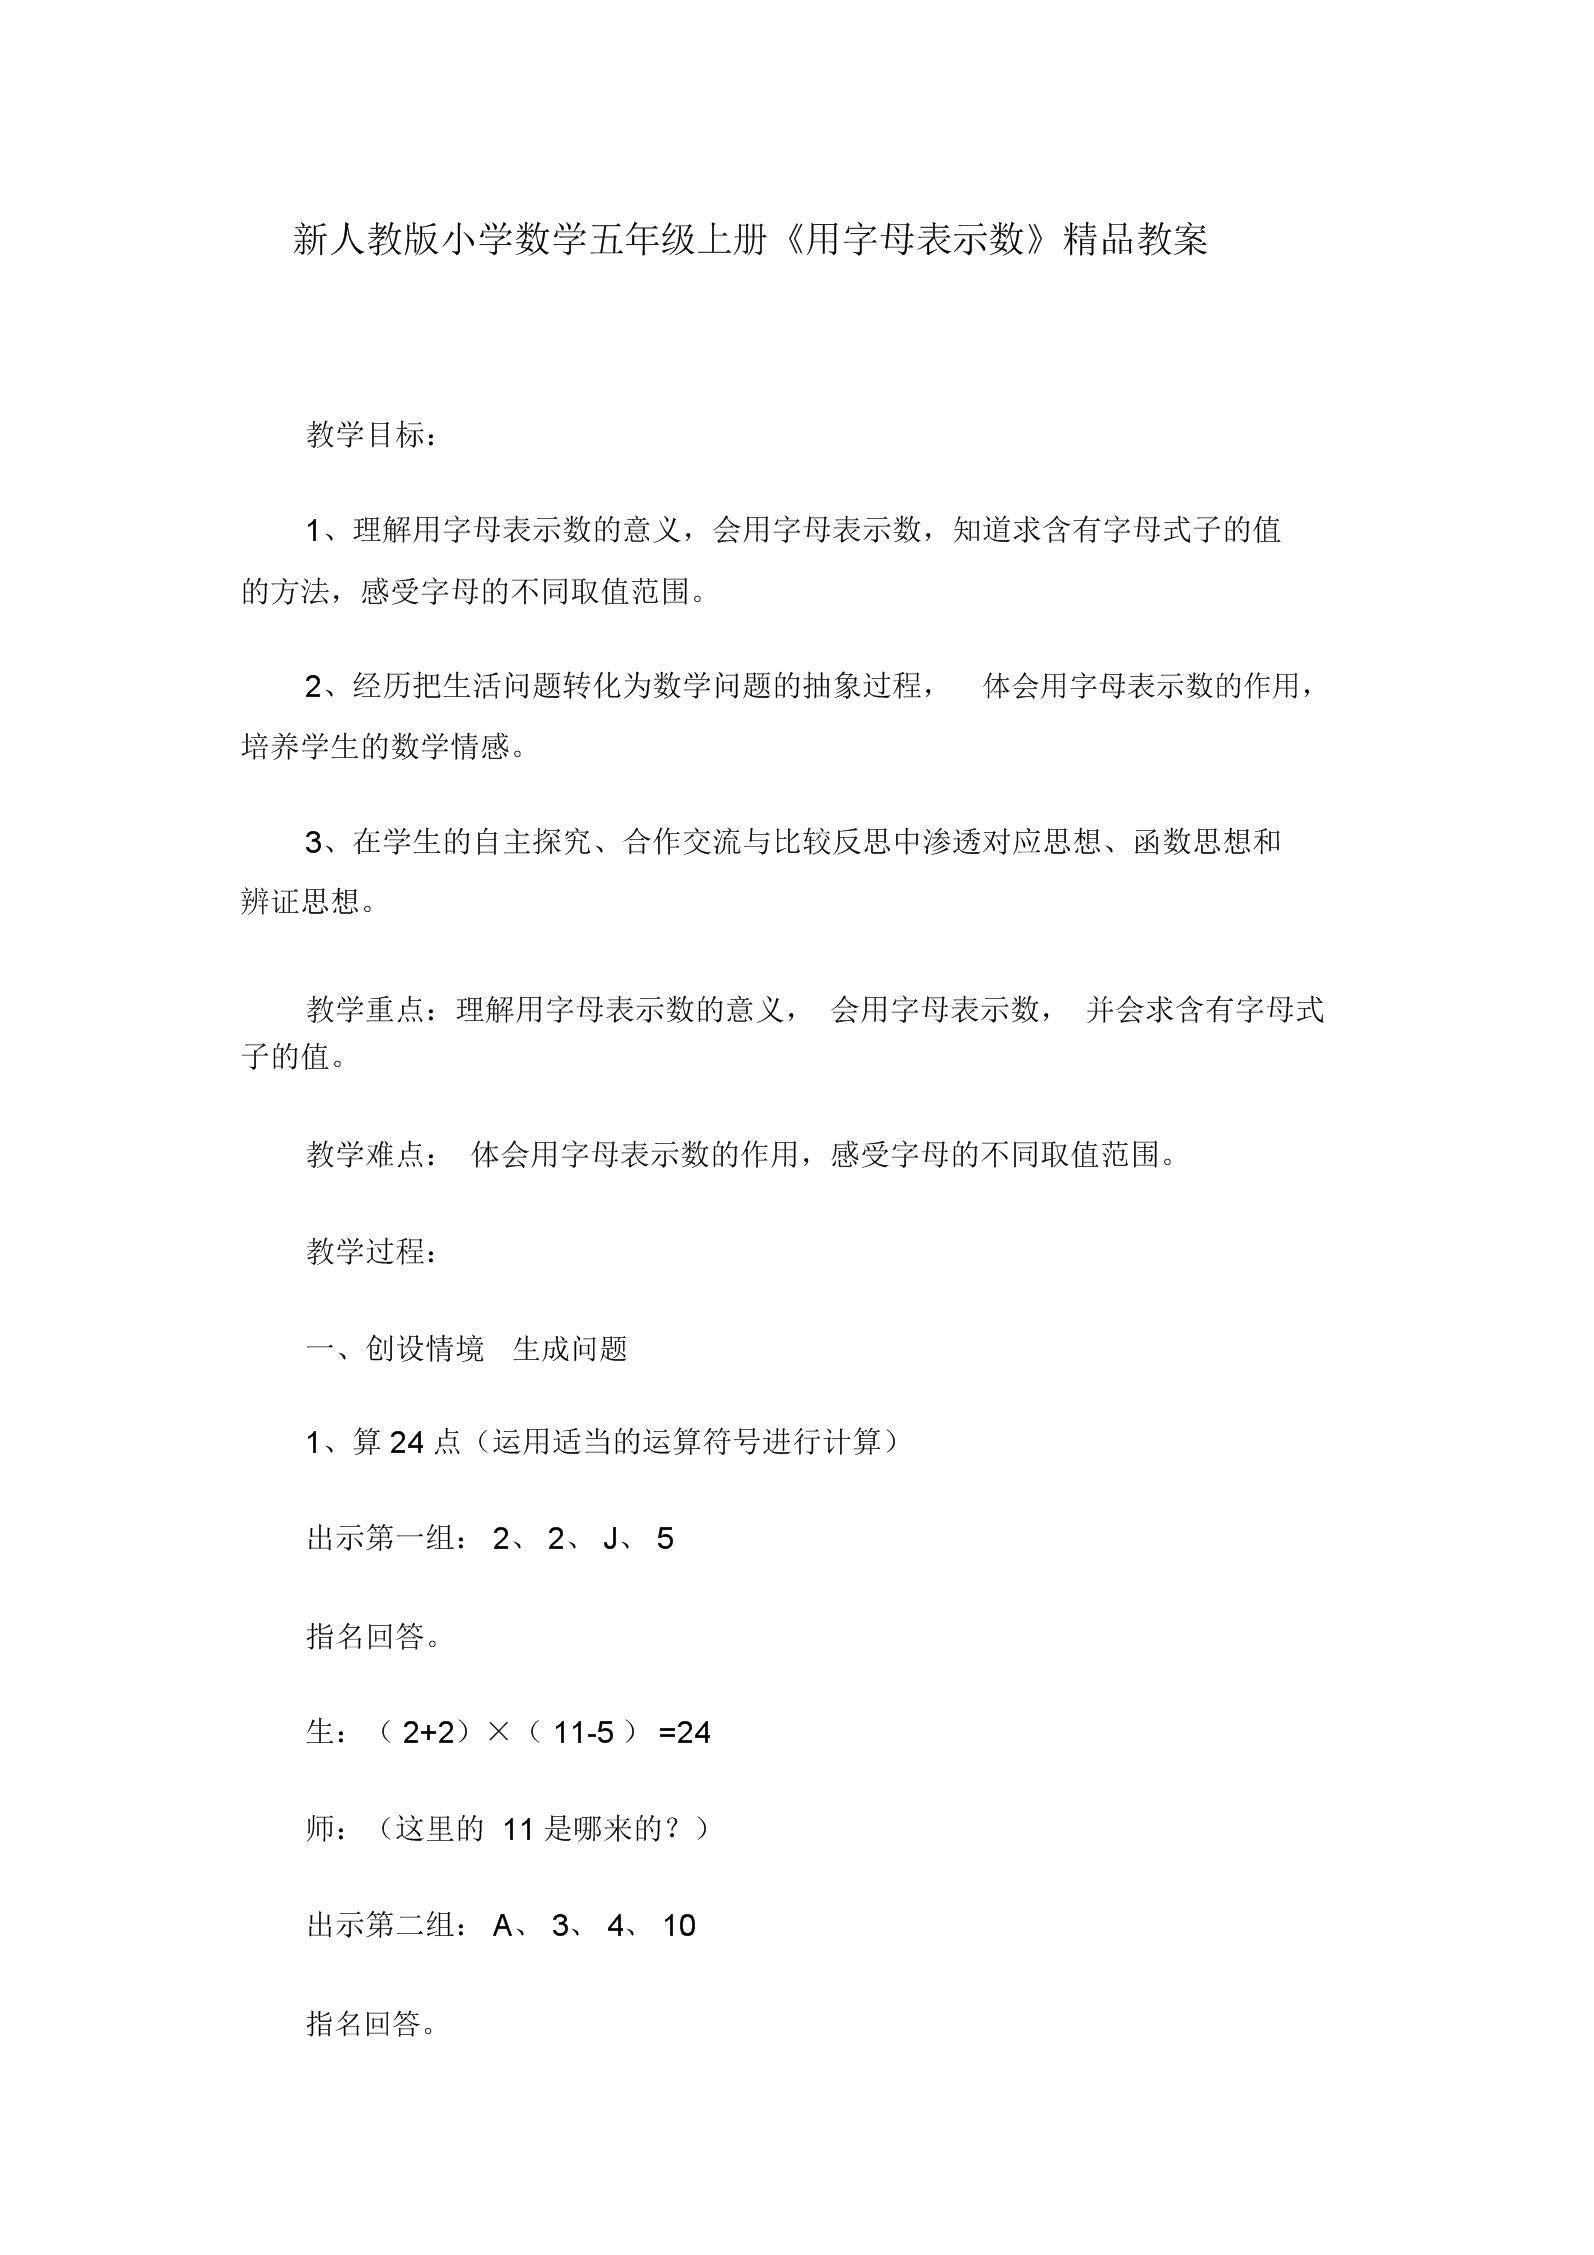 新人教版小学数学五年级上册用字母表示数教案.docx